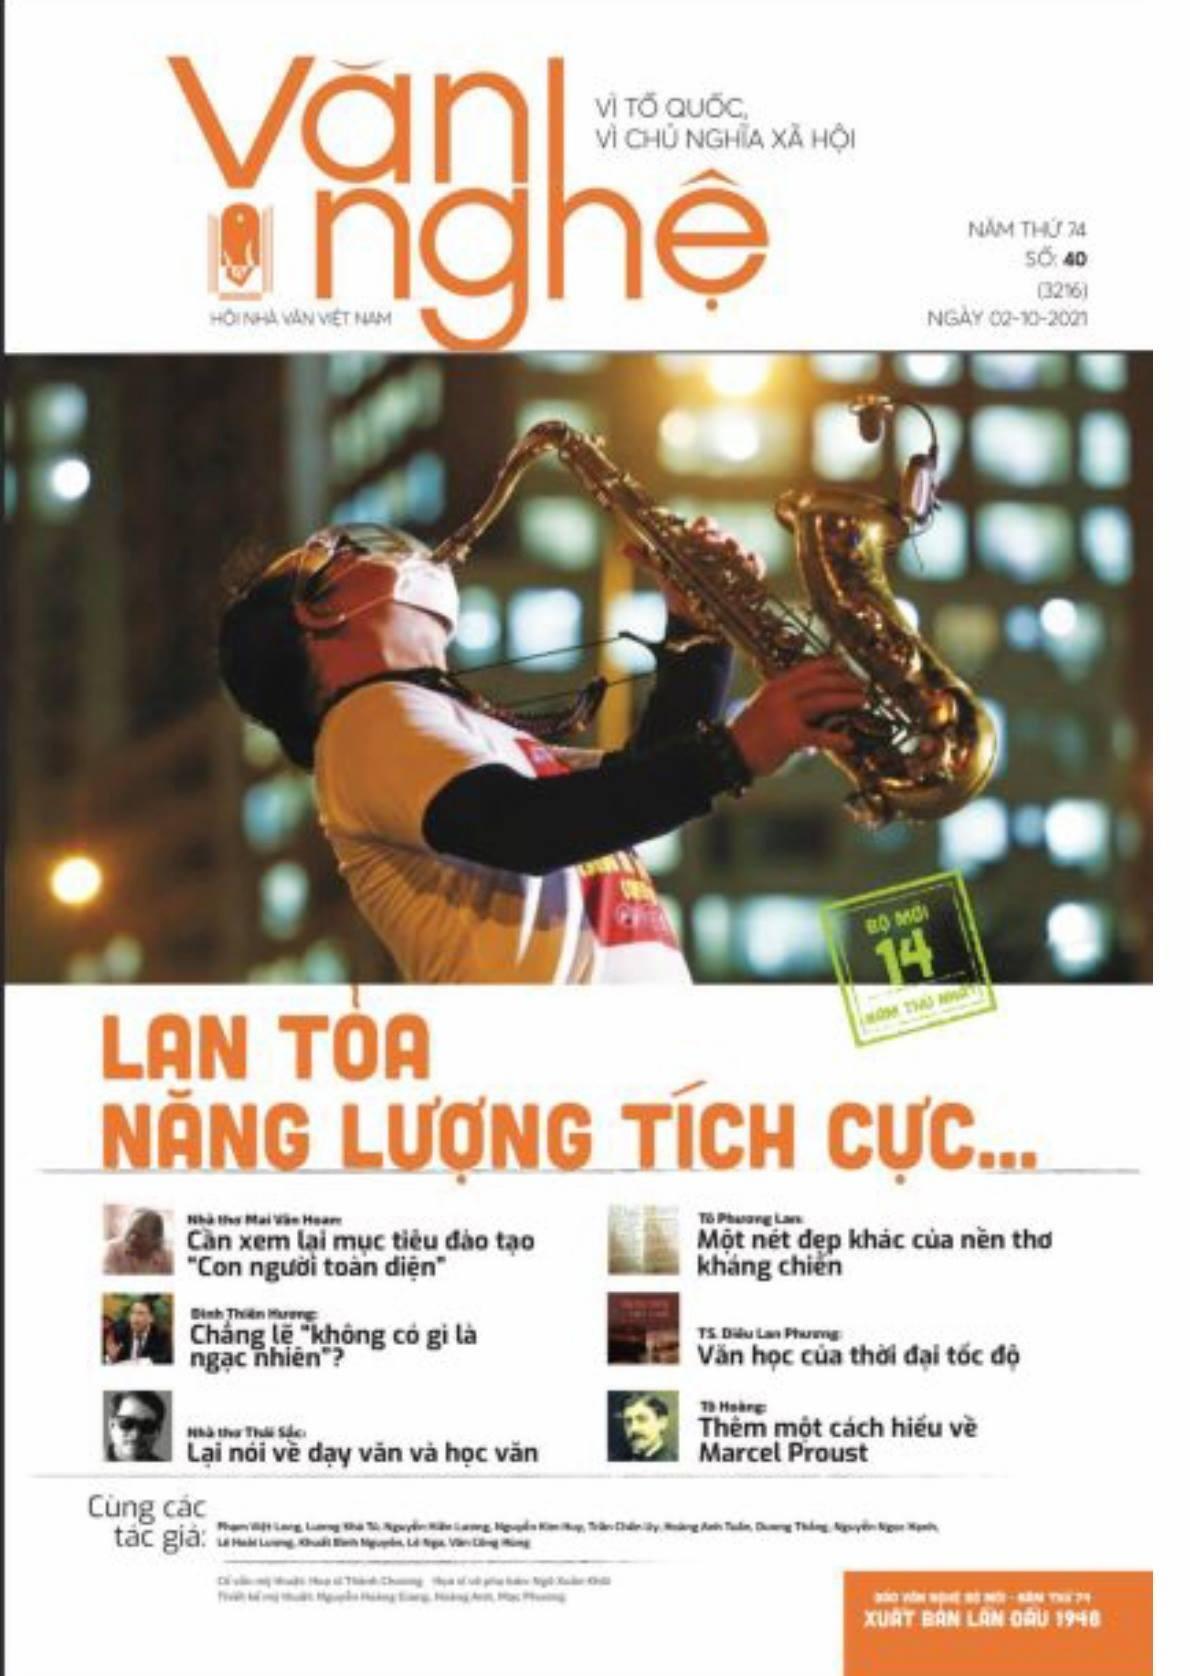 lan-toa-nang-luong-tich-cuc4-1633708673.jpg